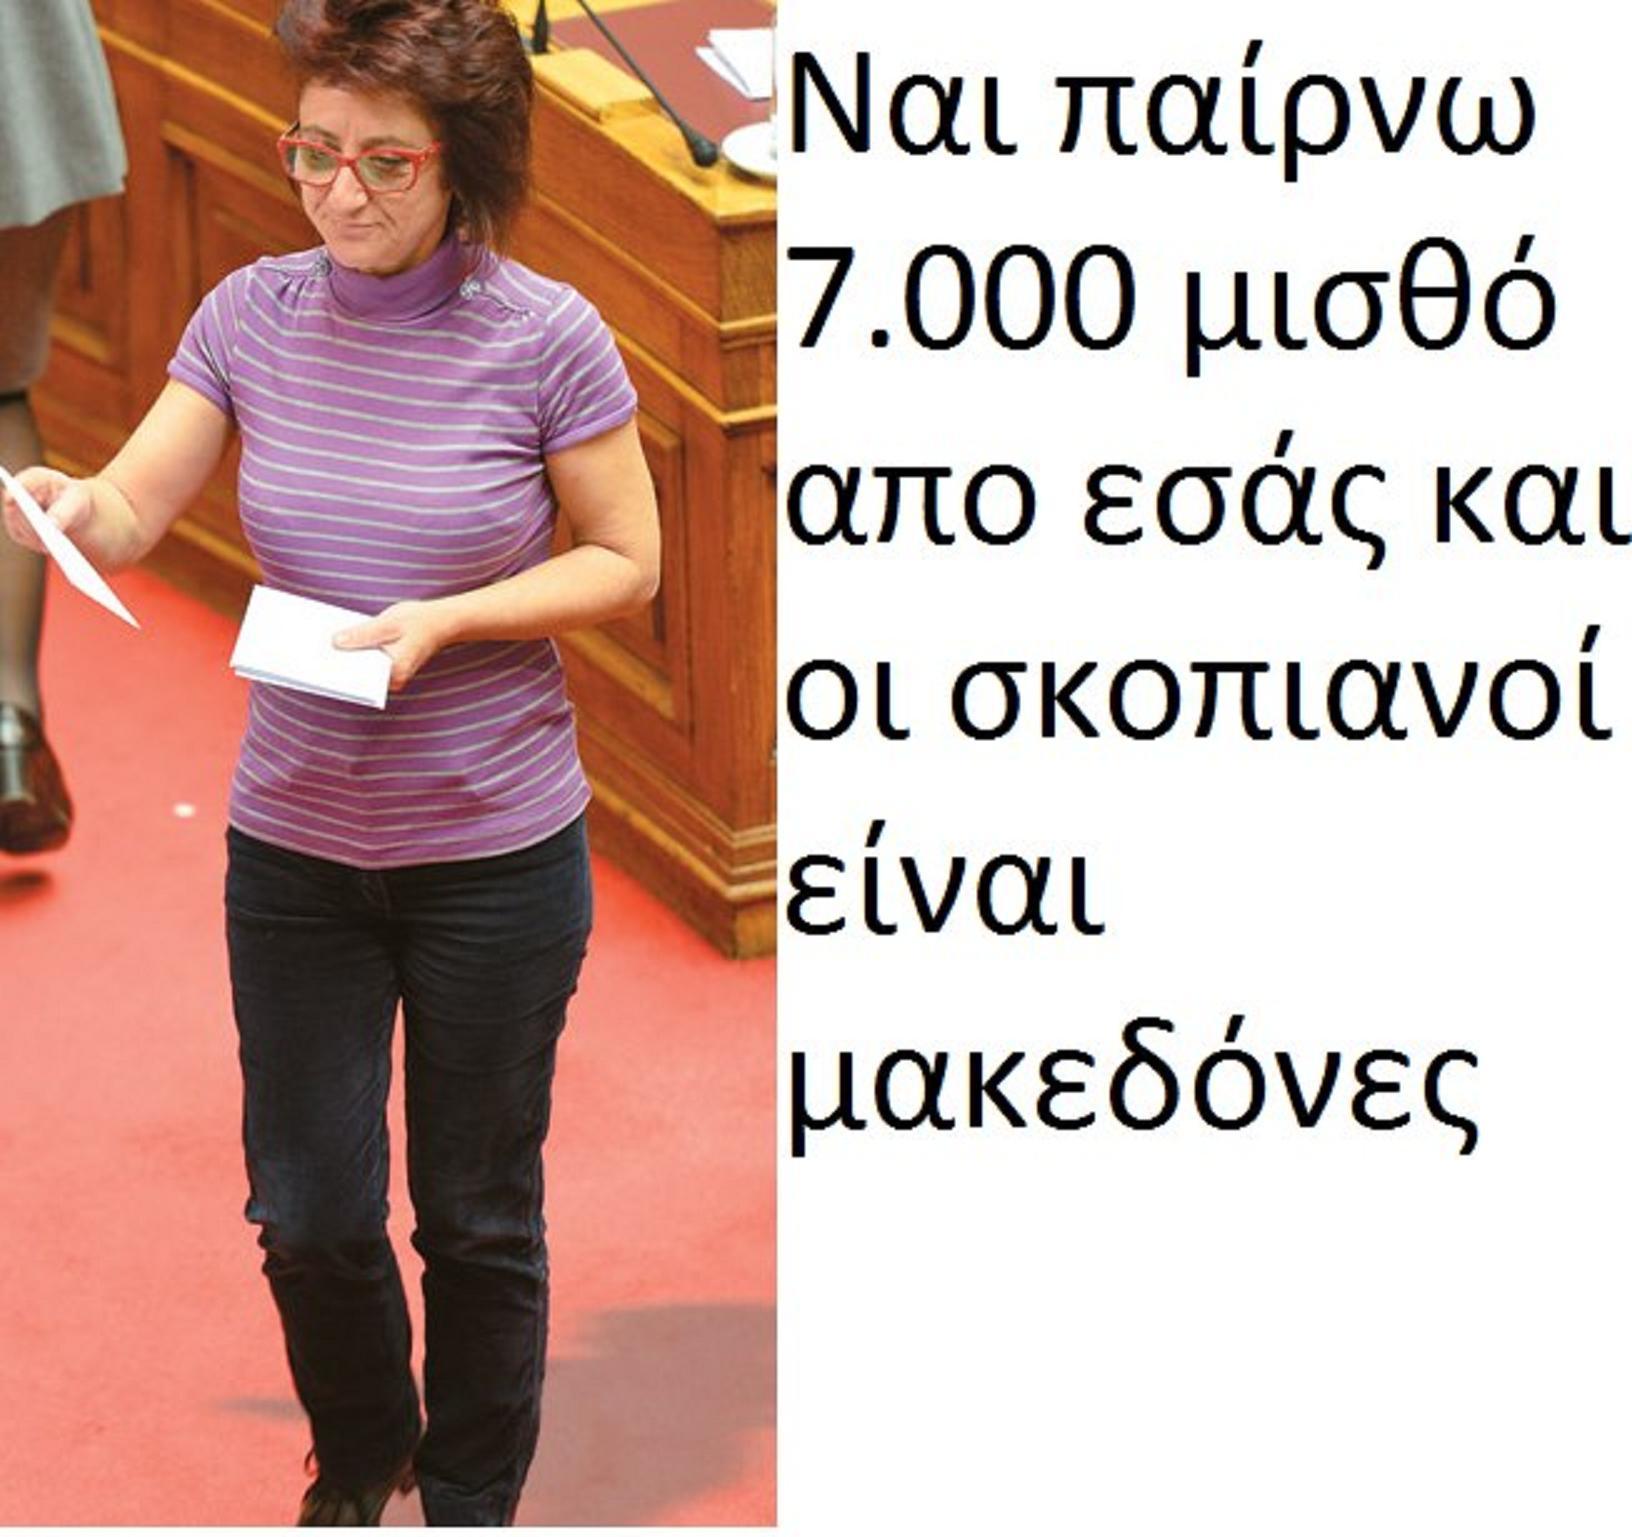 «Ναί, παίρνω μισθὸ 7.000 εὐρῶ...»